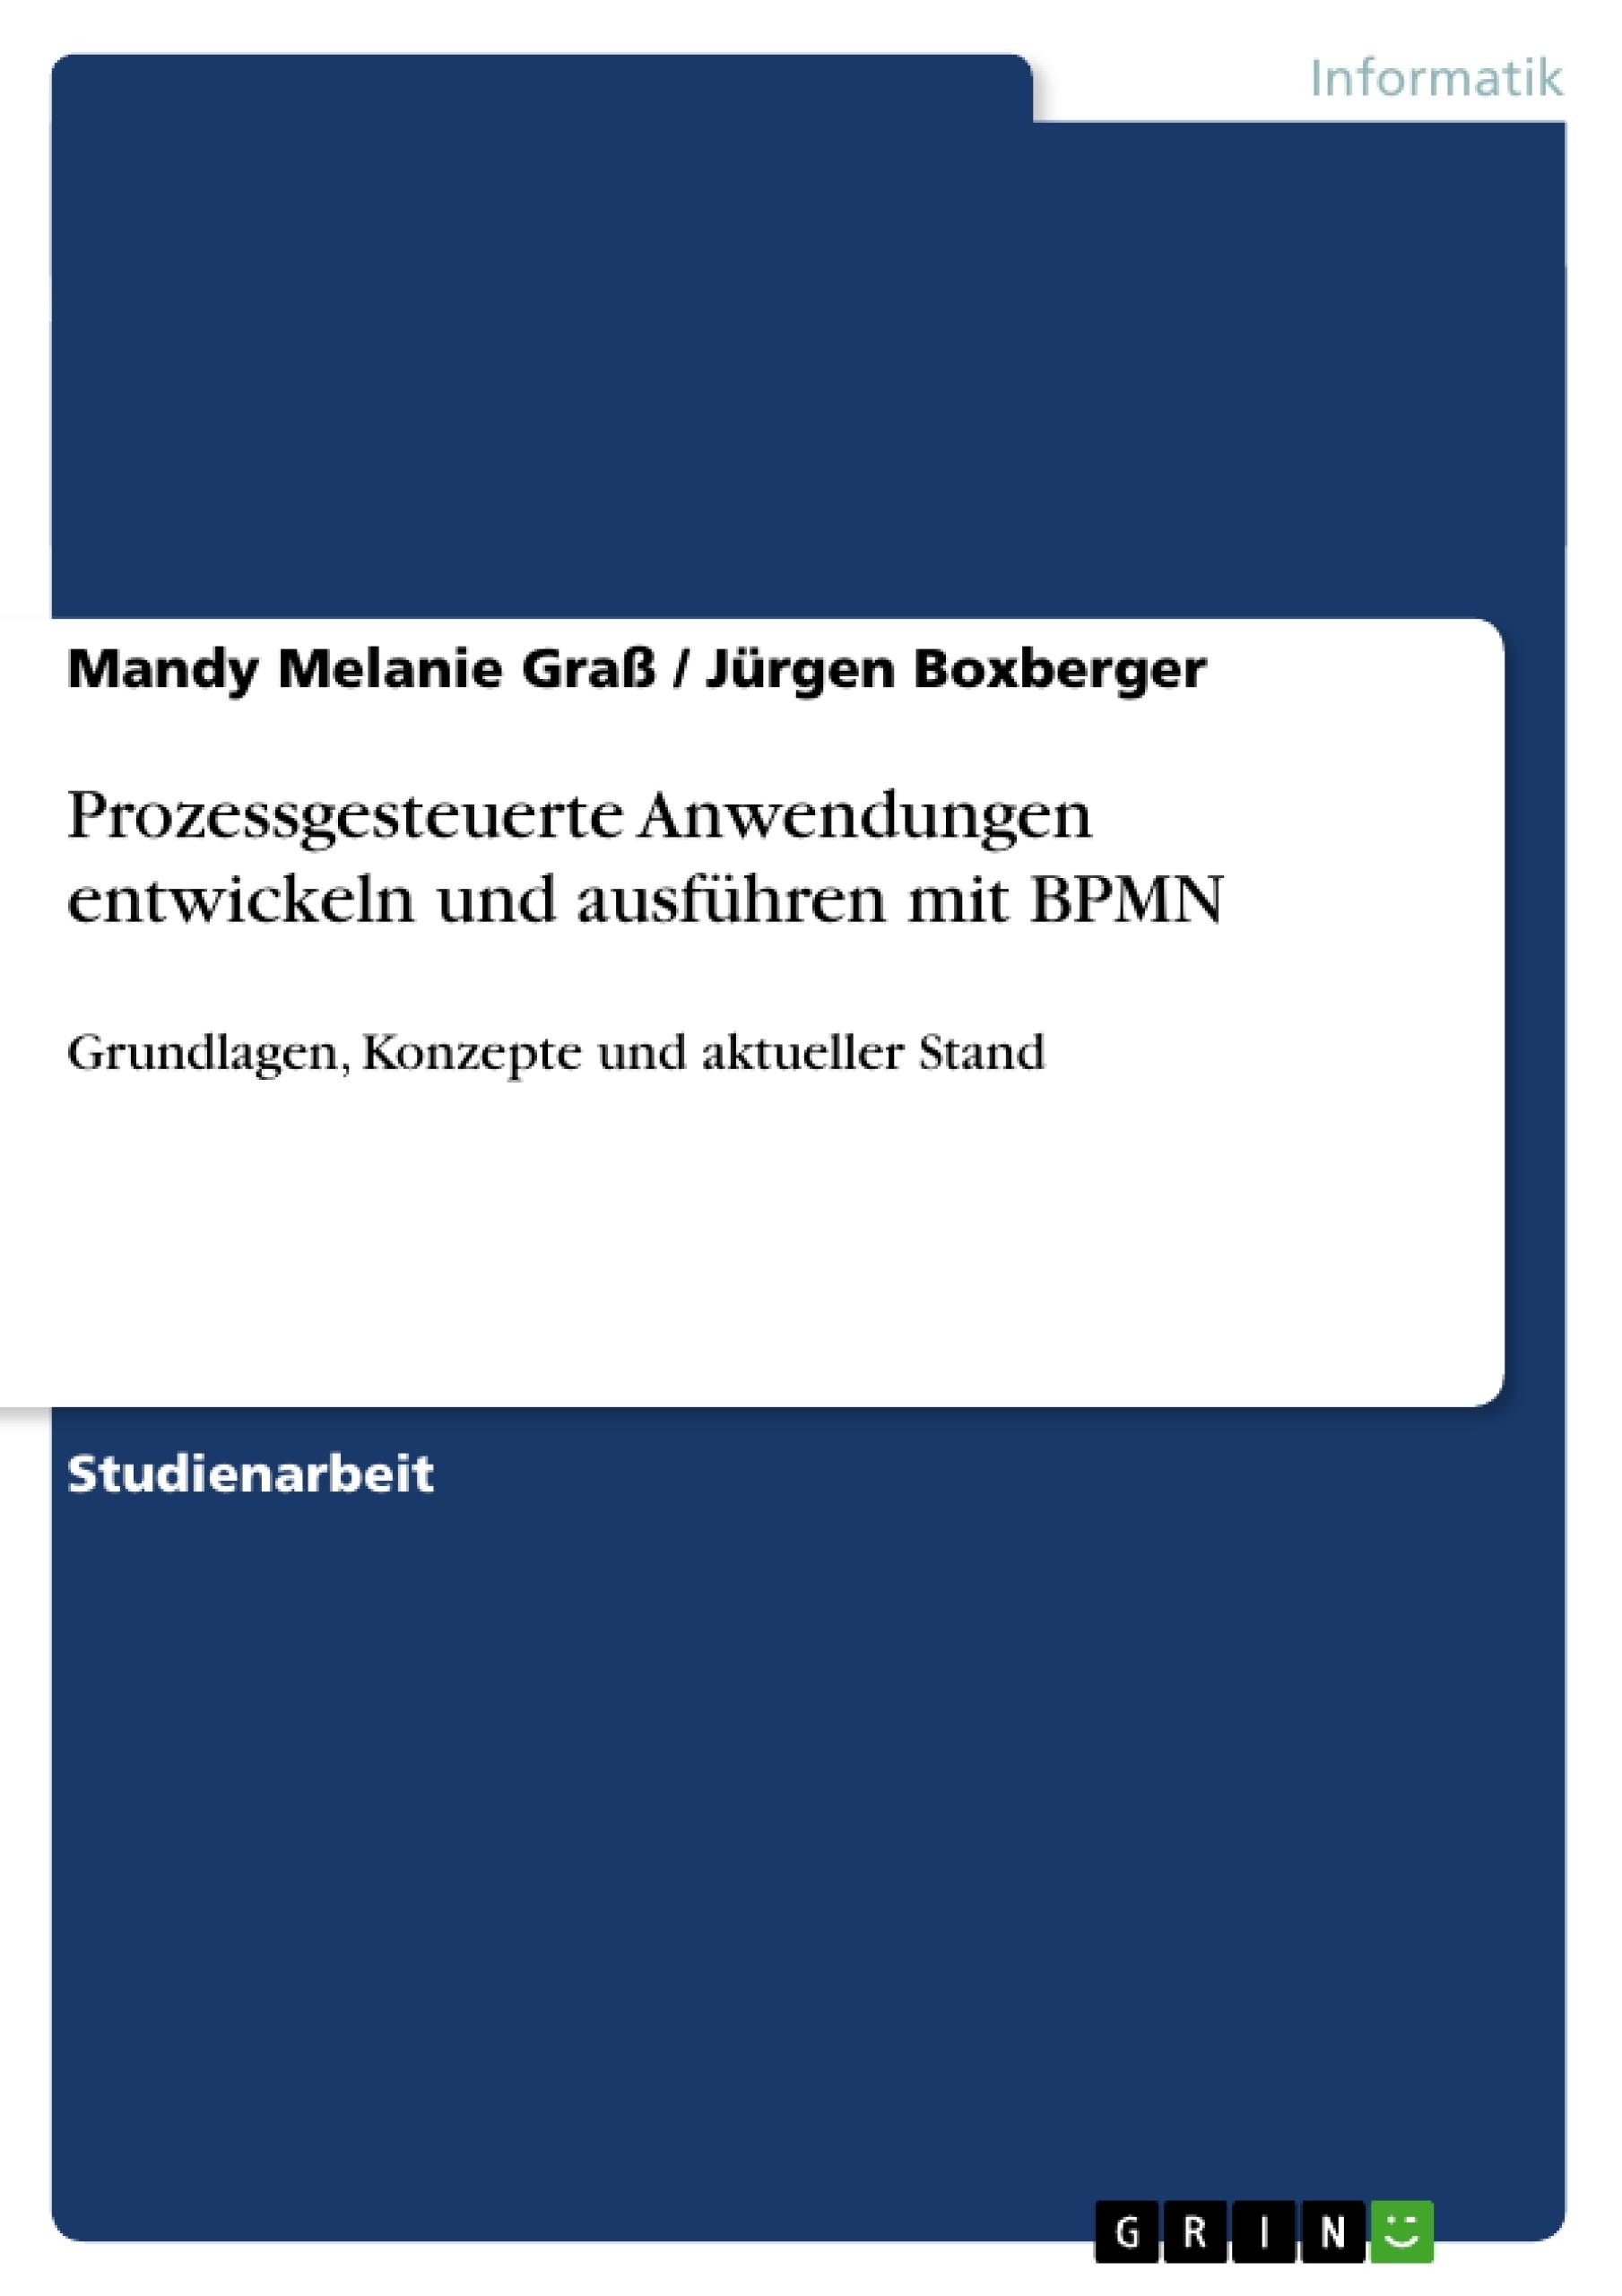 Titel: Prozessgesteuerte Anwendungen entwickeln und ausführen mit BPMN